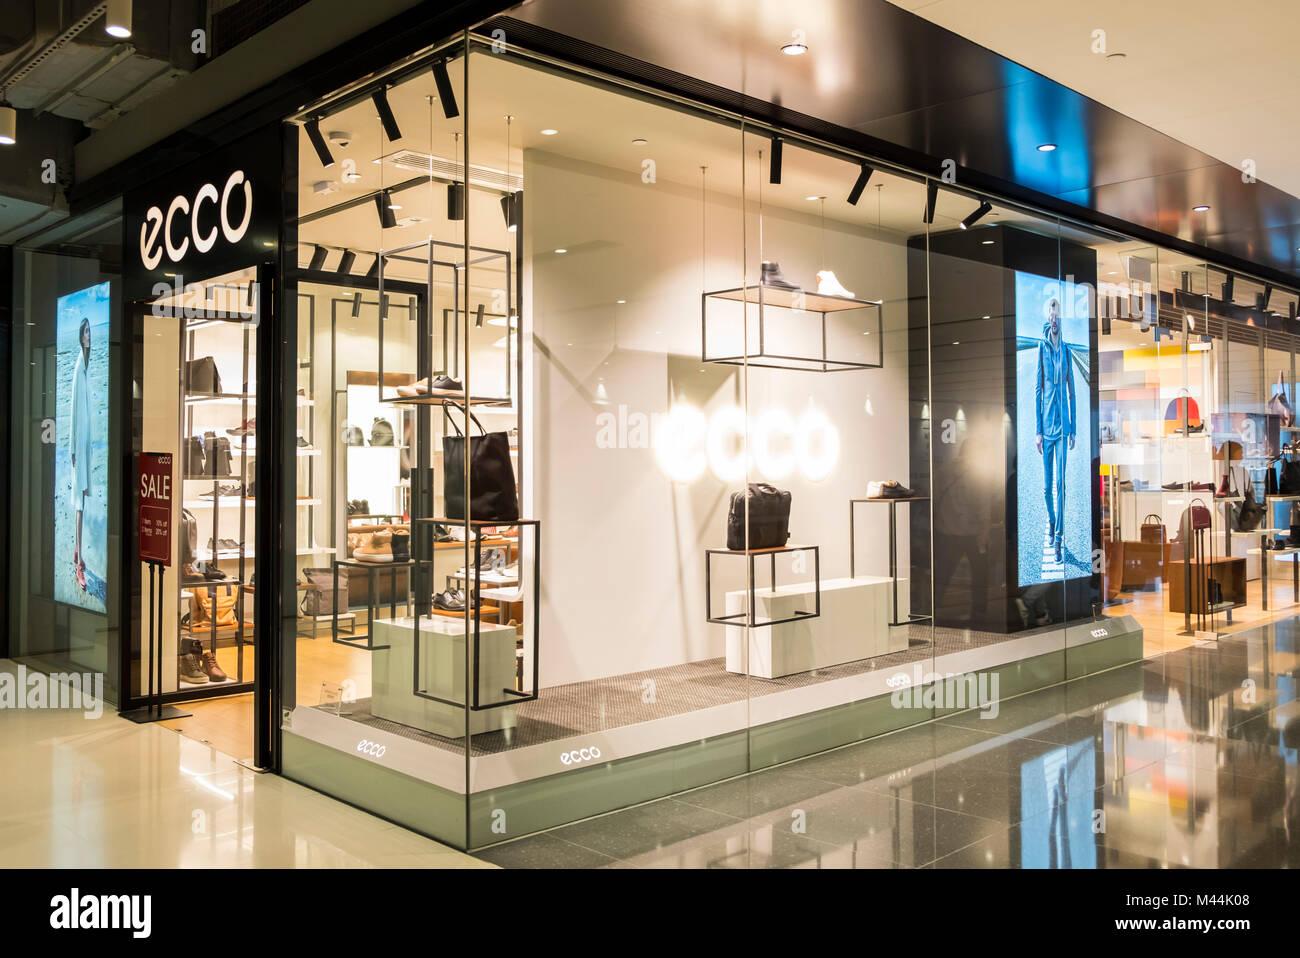 sale retailer 8c3fe a95f0 Ecco Store Imágenes De Stock & Ecco Store Fotos De Stock - Alamy